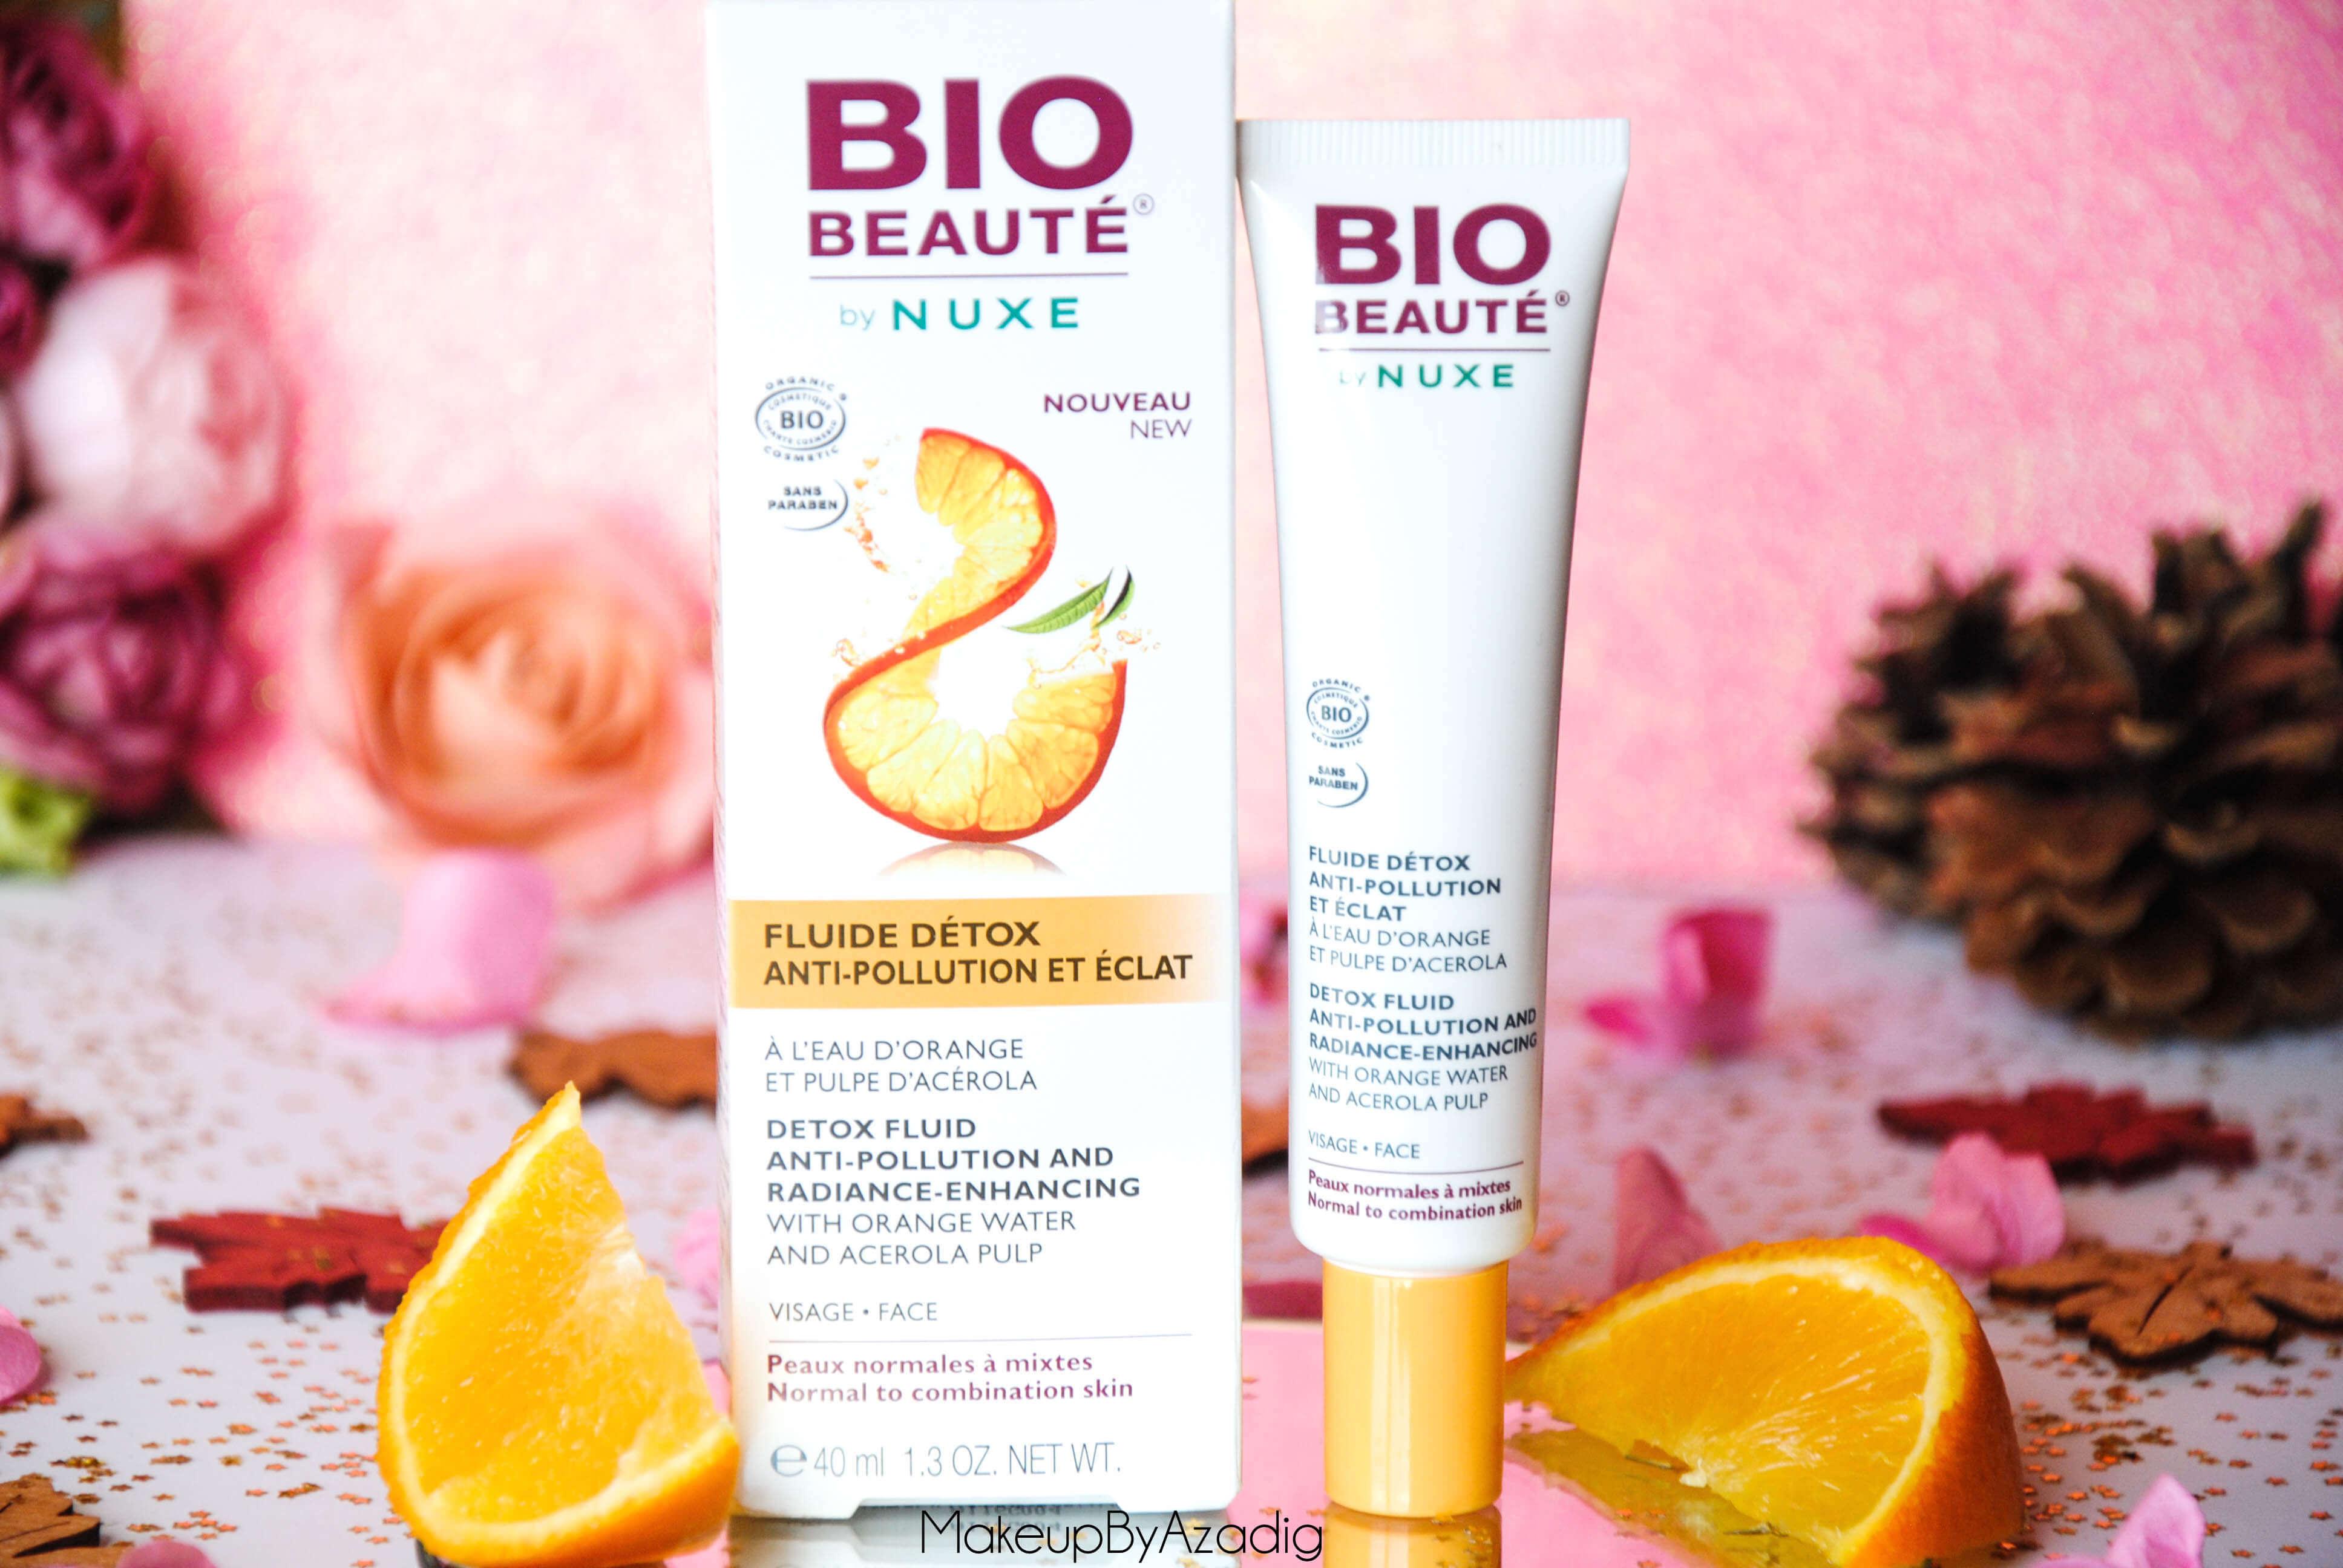 bio-beaute-nuxe-lotion-fluide-creme-contour-des-yeux-masque-orange-acerola-doctipharma-routine-du-matin-detox-troyes-paris-makeupbyazadig-blog-revue-review-anti-pollution-g